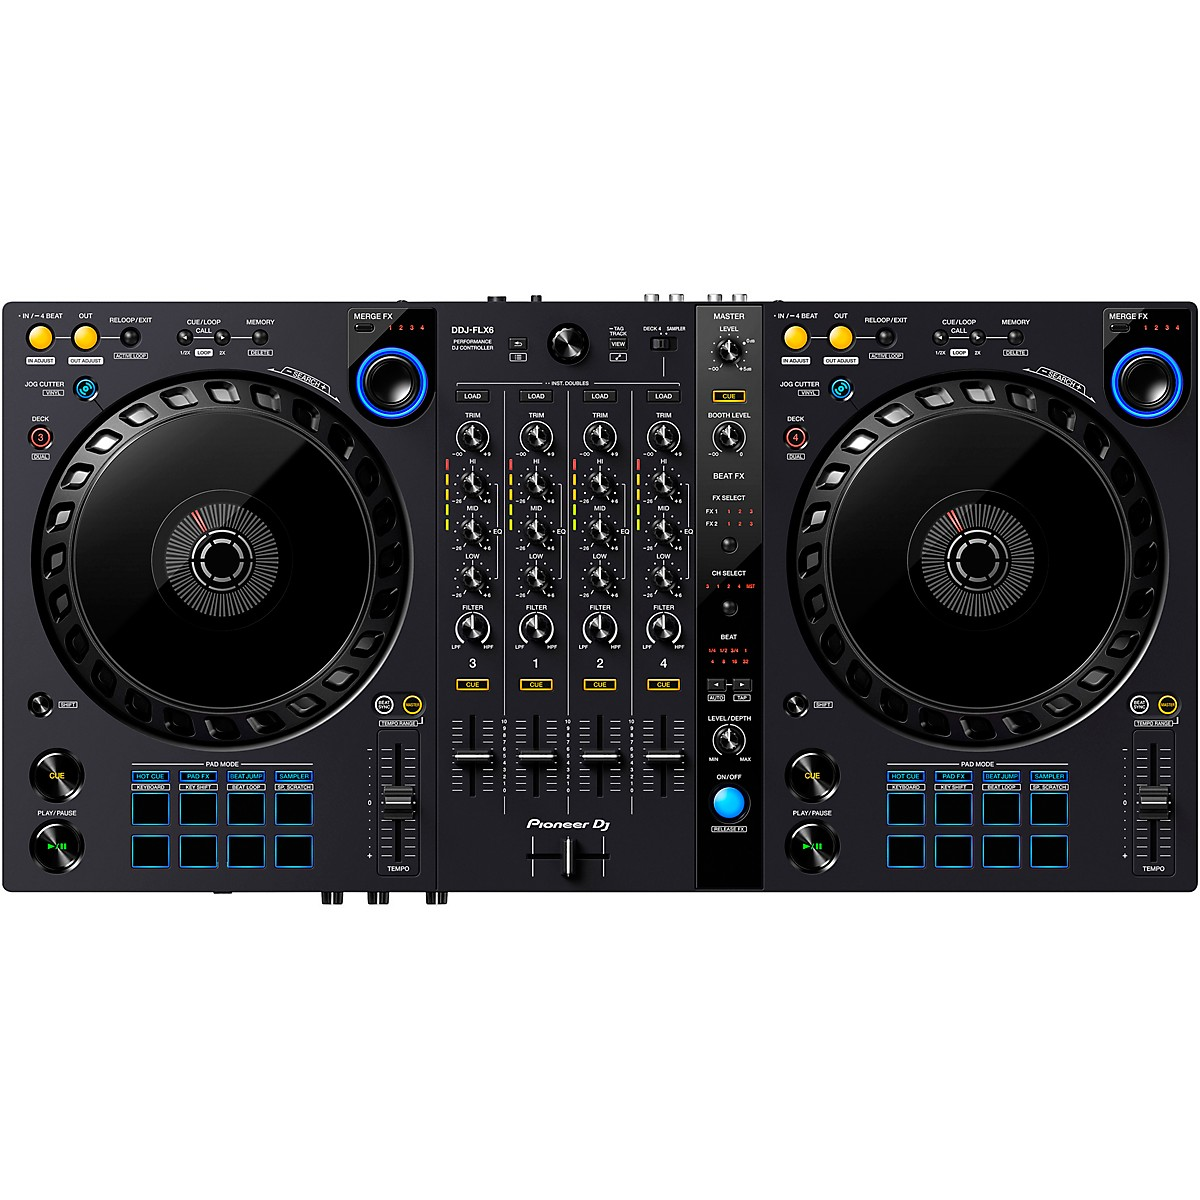 Pioneer DDJ-FLX6 4-Channel DJ Controller for Serato DJ Pro and rekordbox dj